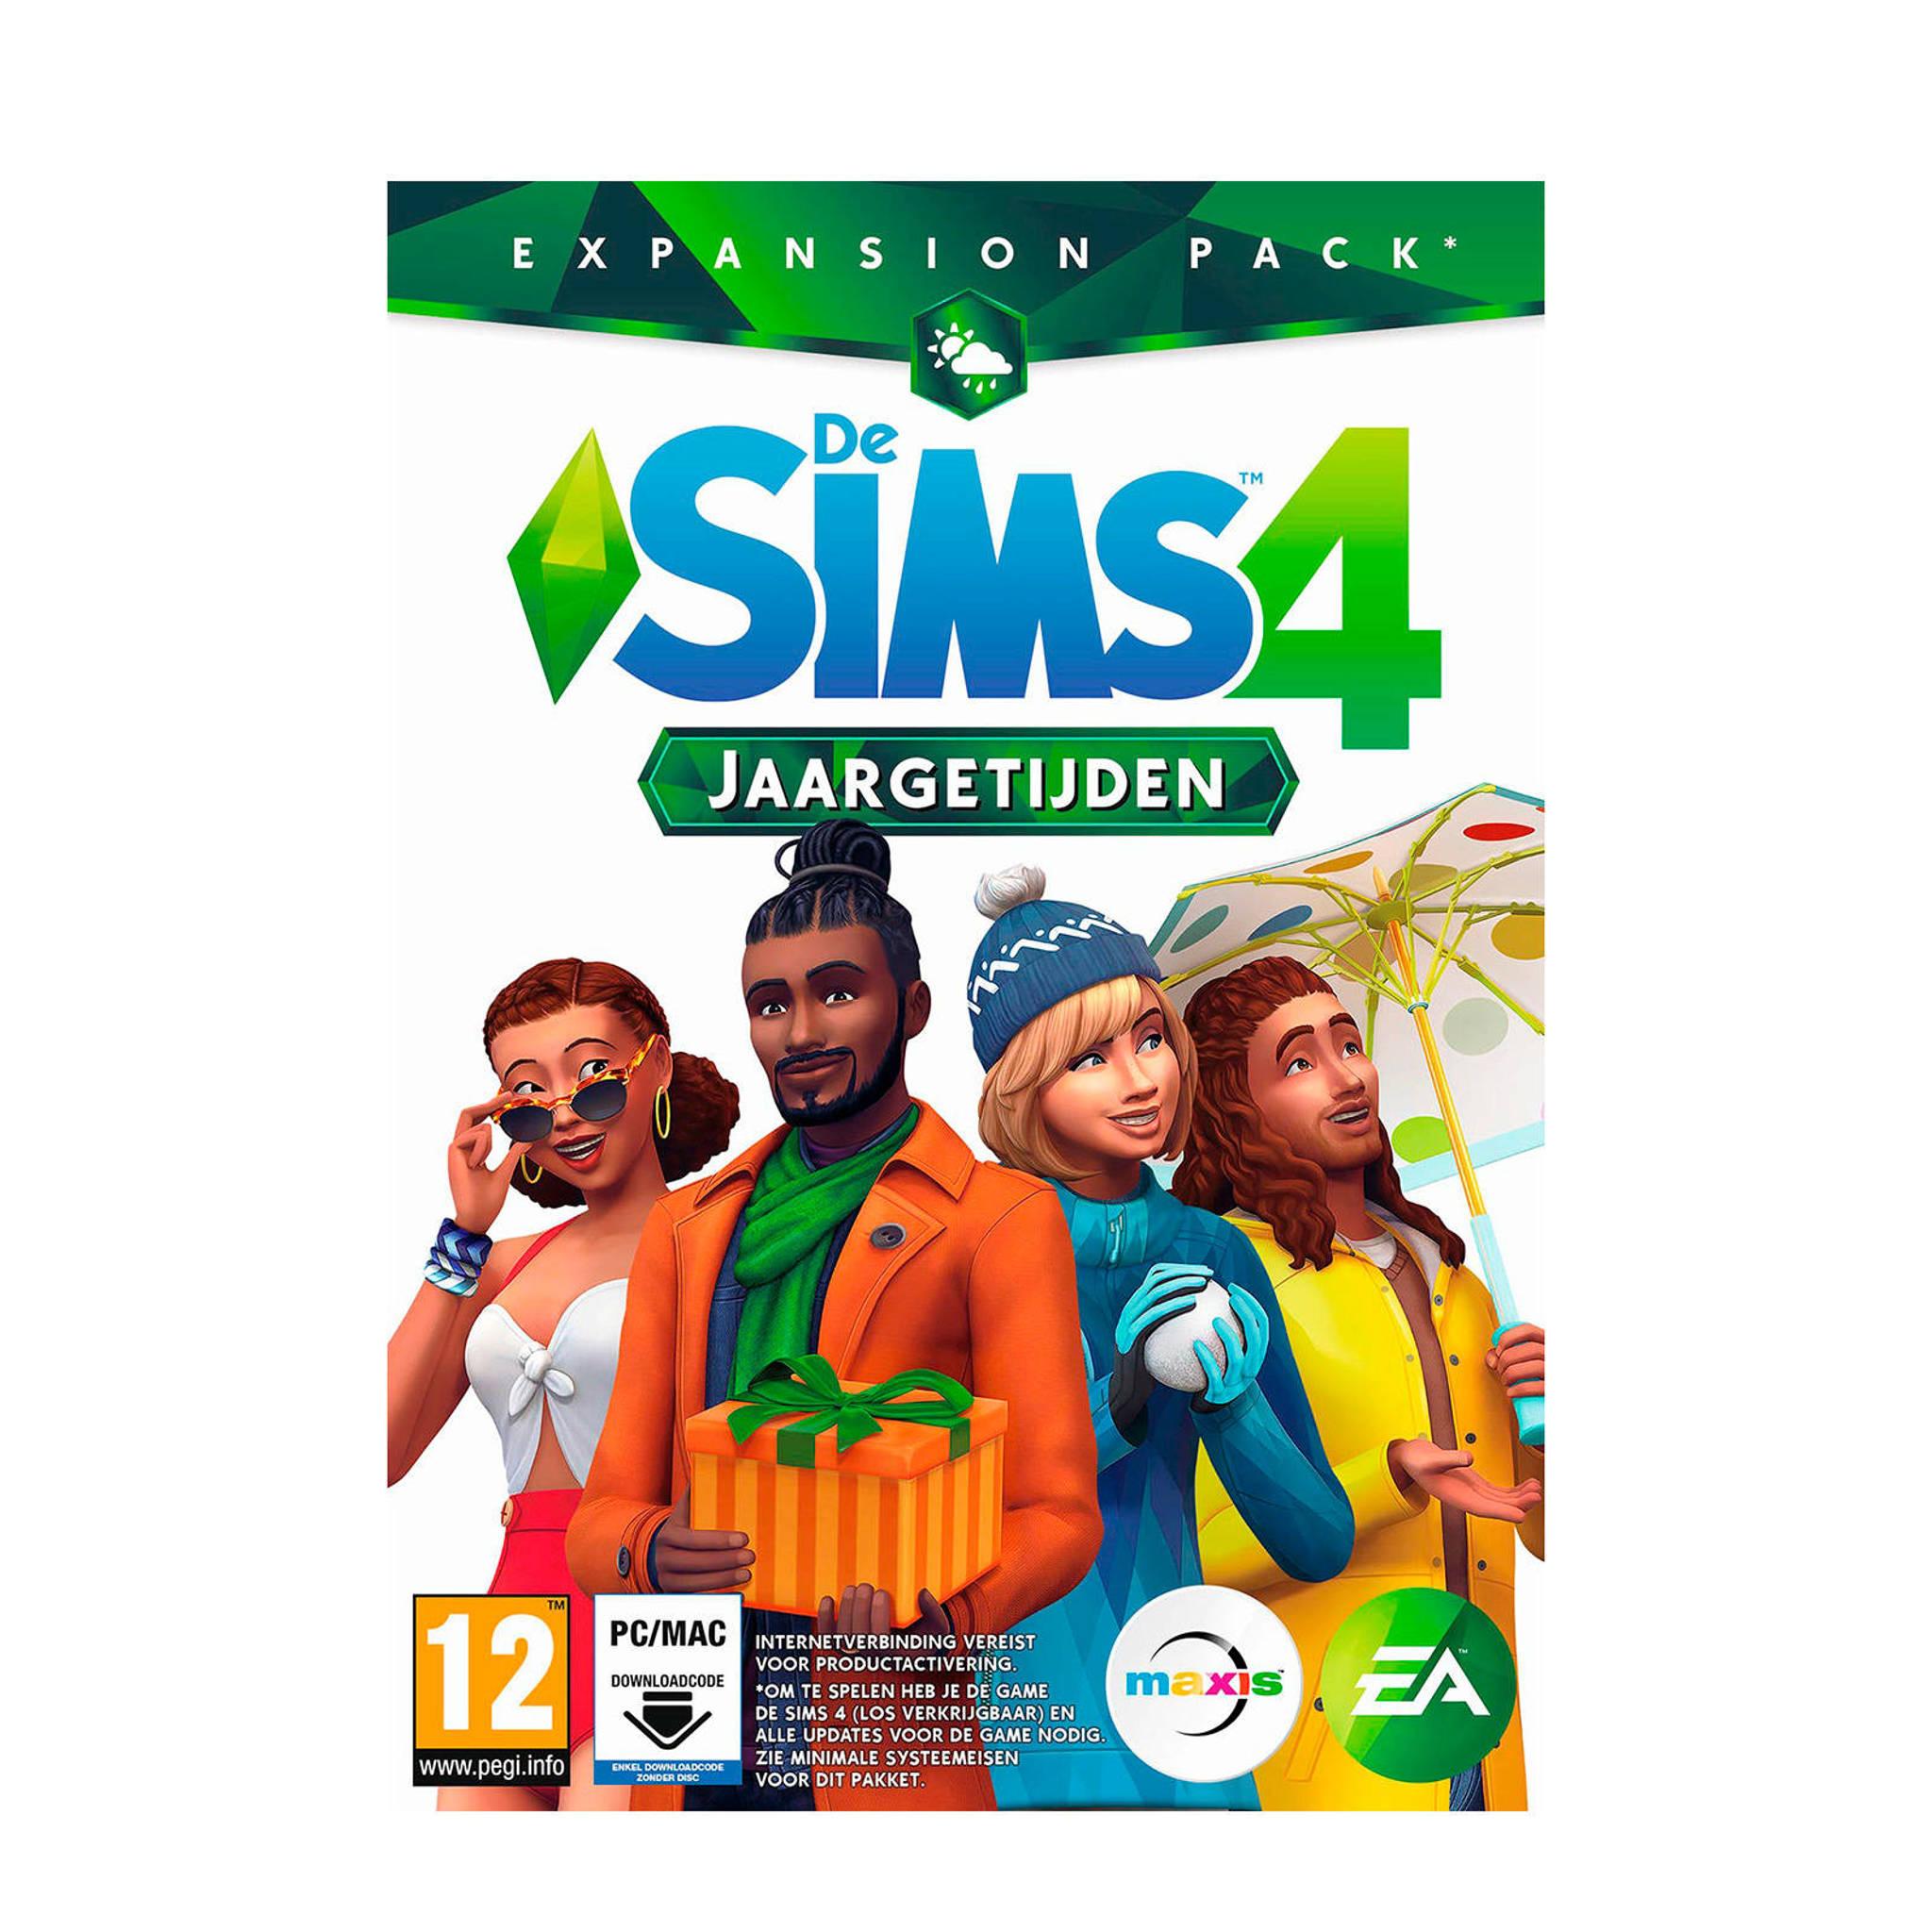 Electronic Arts De Sims 4 Jaargetijden Expansion Pack Download Code Pc Wehkamp